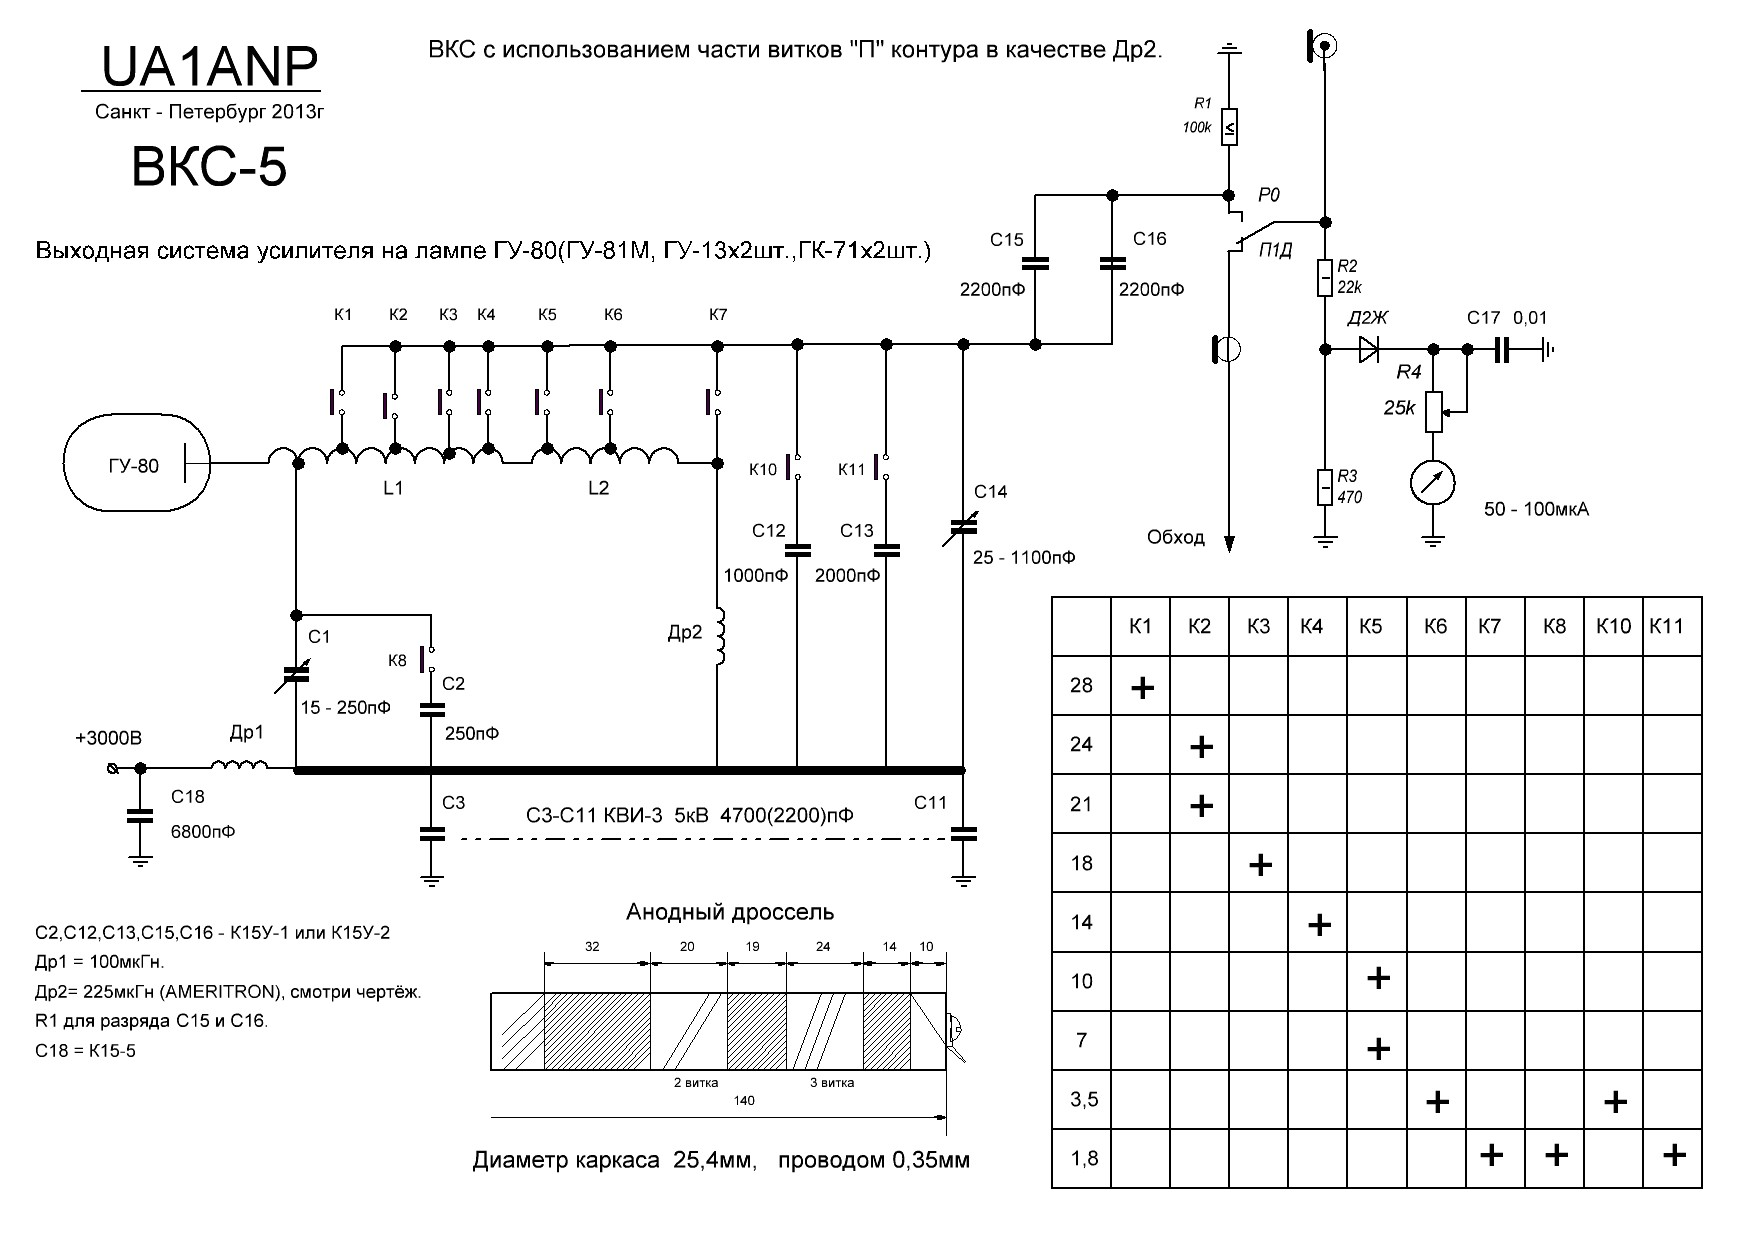 Нажмите на изображение для увеличения.  Название:BKC-5.JPG Просмотров:1474 Размер:256.3 Кб ID:92836